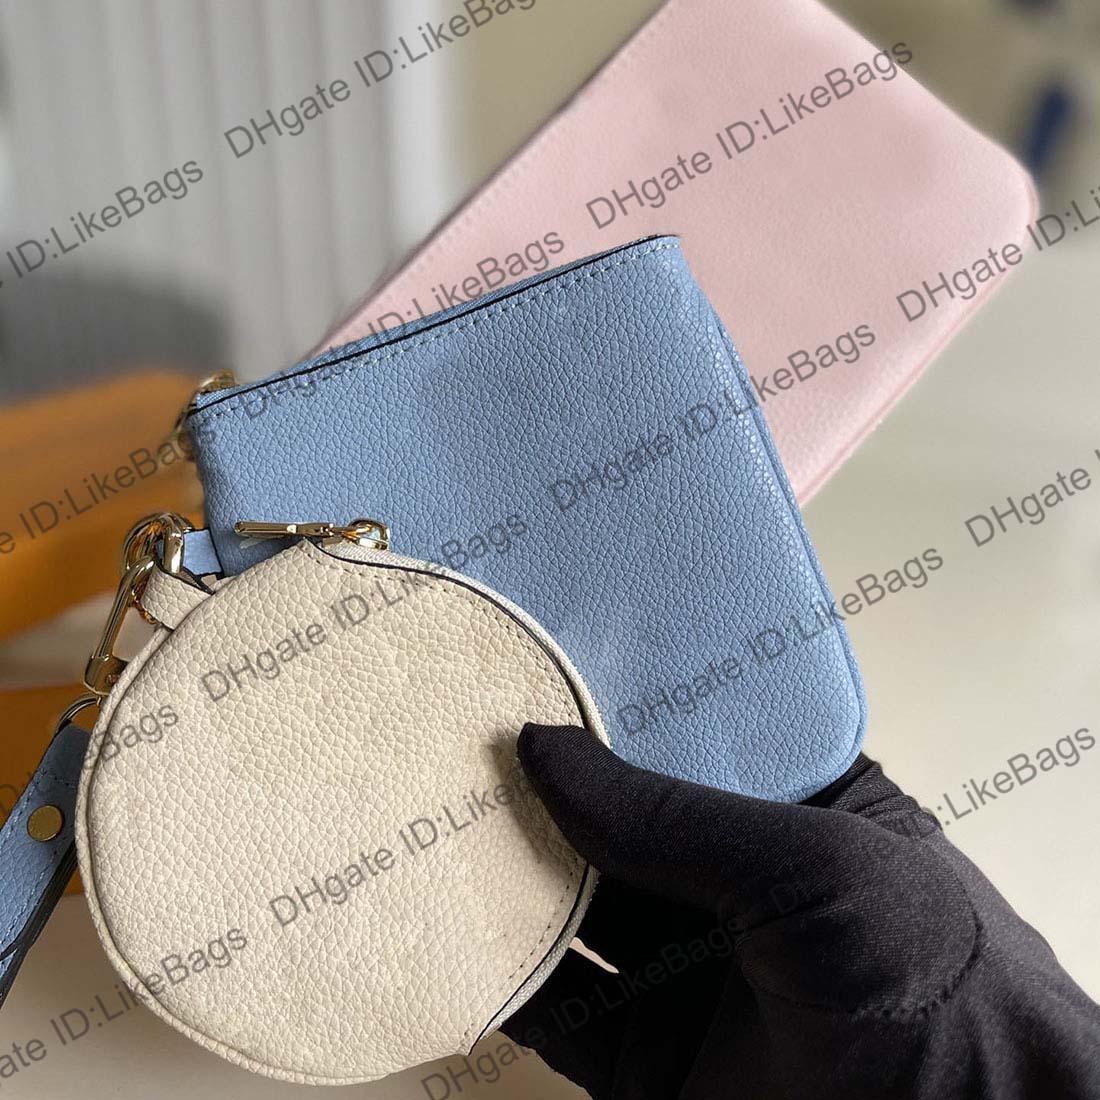 Diseñadores de lujos bolsas de hombro bolsos bolsos monogramas empreinte cuero gradiente impresión cartera embrague de tres piezas combinación picochette felicie cruz cuerpo